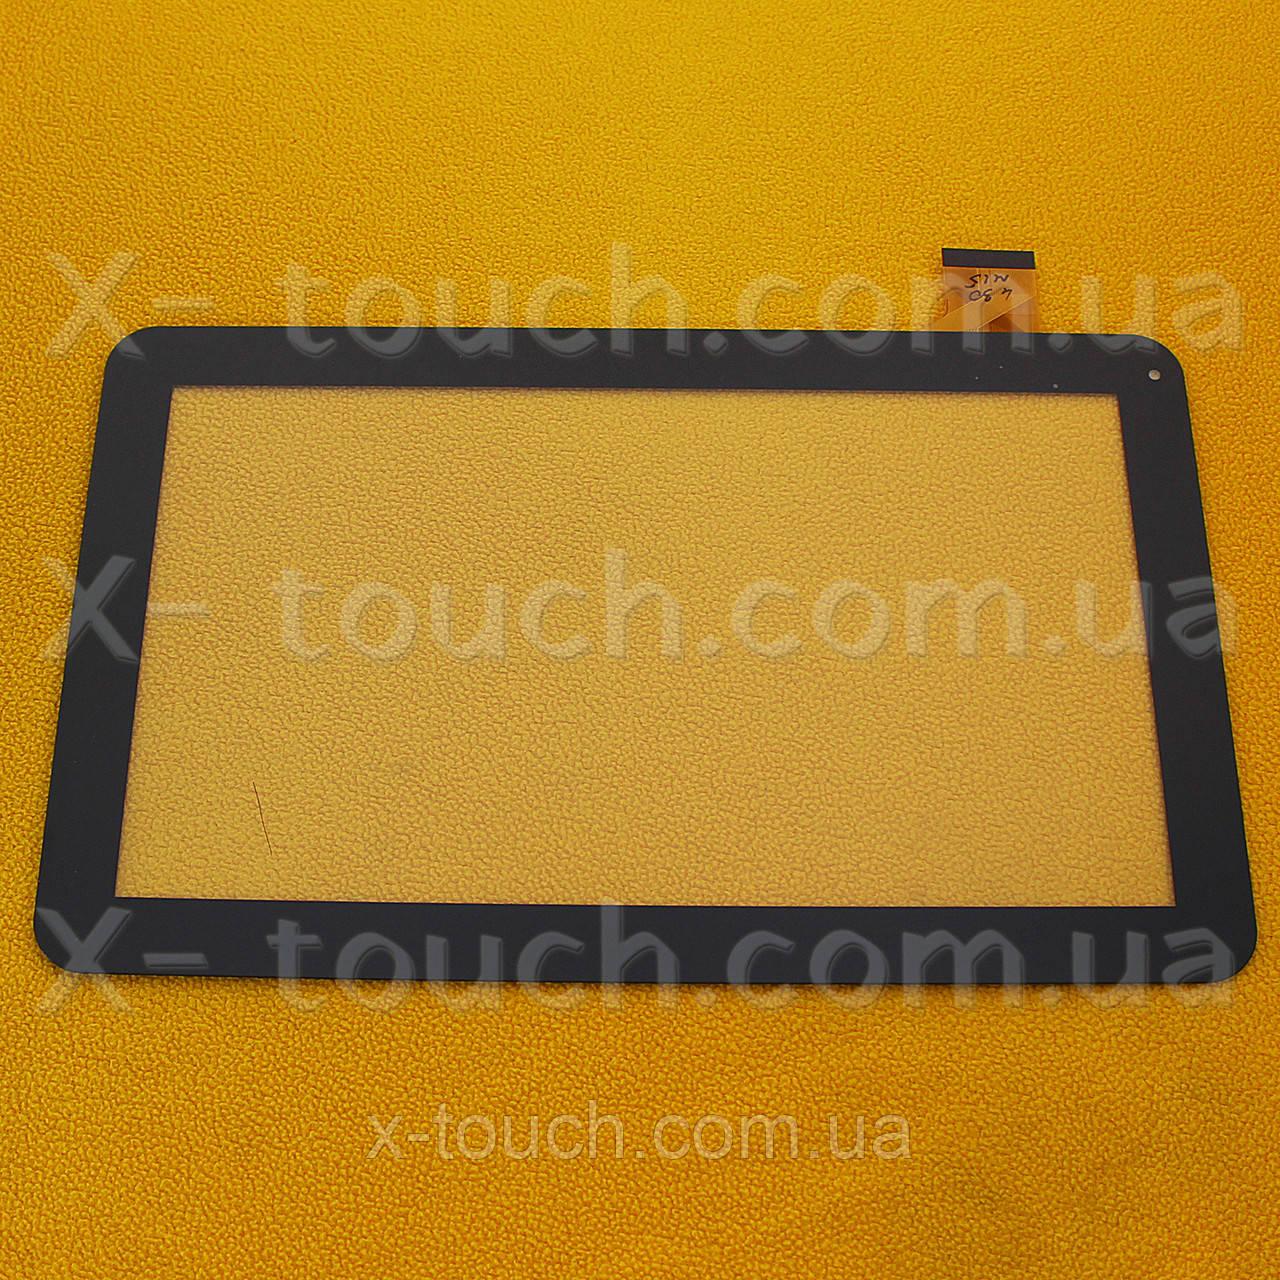 Тачскрін, сенсор Digma ids10 для планшета